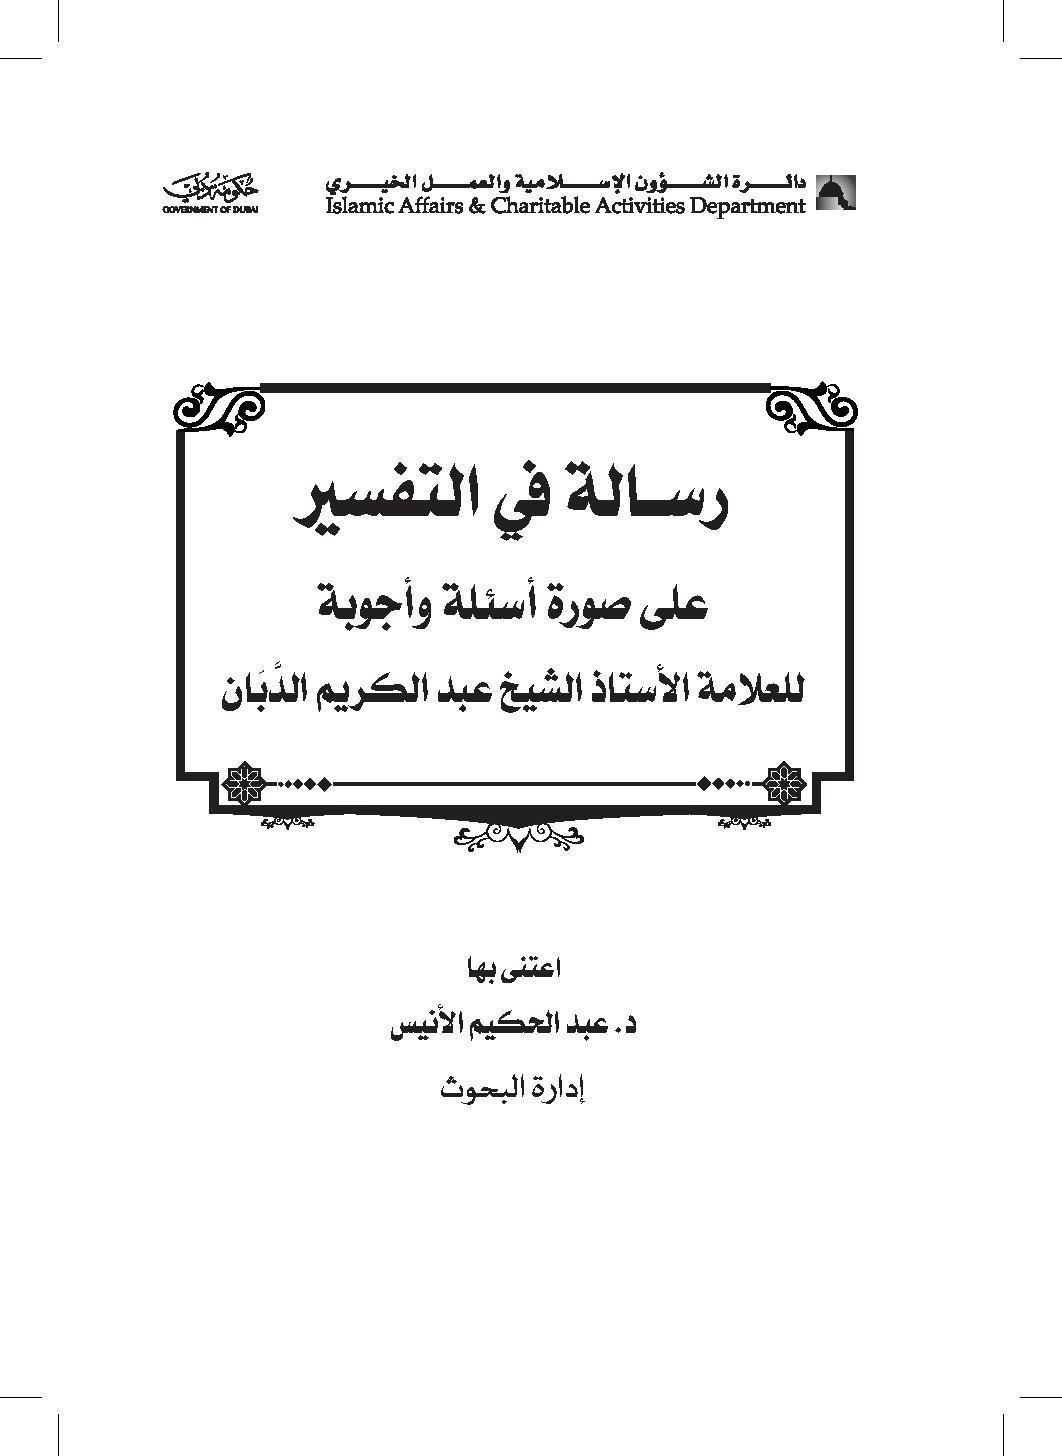 تحميل كتاب رسالة في التفسير (على صورة أسئلة وأجوبة) لـِ: الشيخ عبد الكريم بن حمادي الدبَان التكريتي (ت 1413)